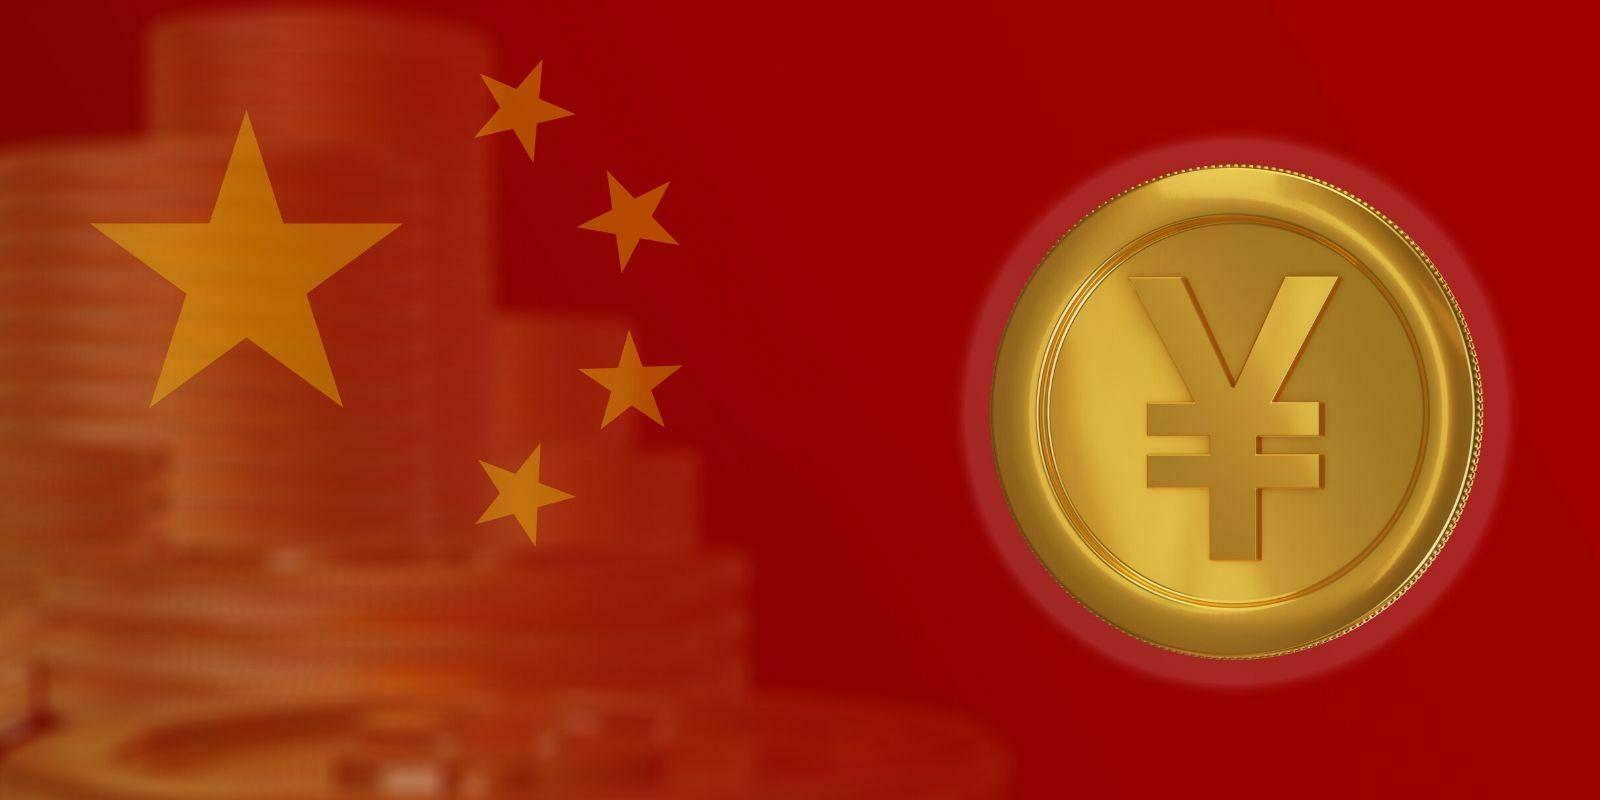 Le Uber chinois DiDi va utiliser le yuan numérique